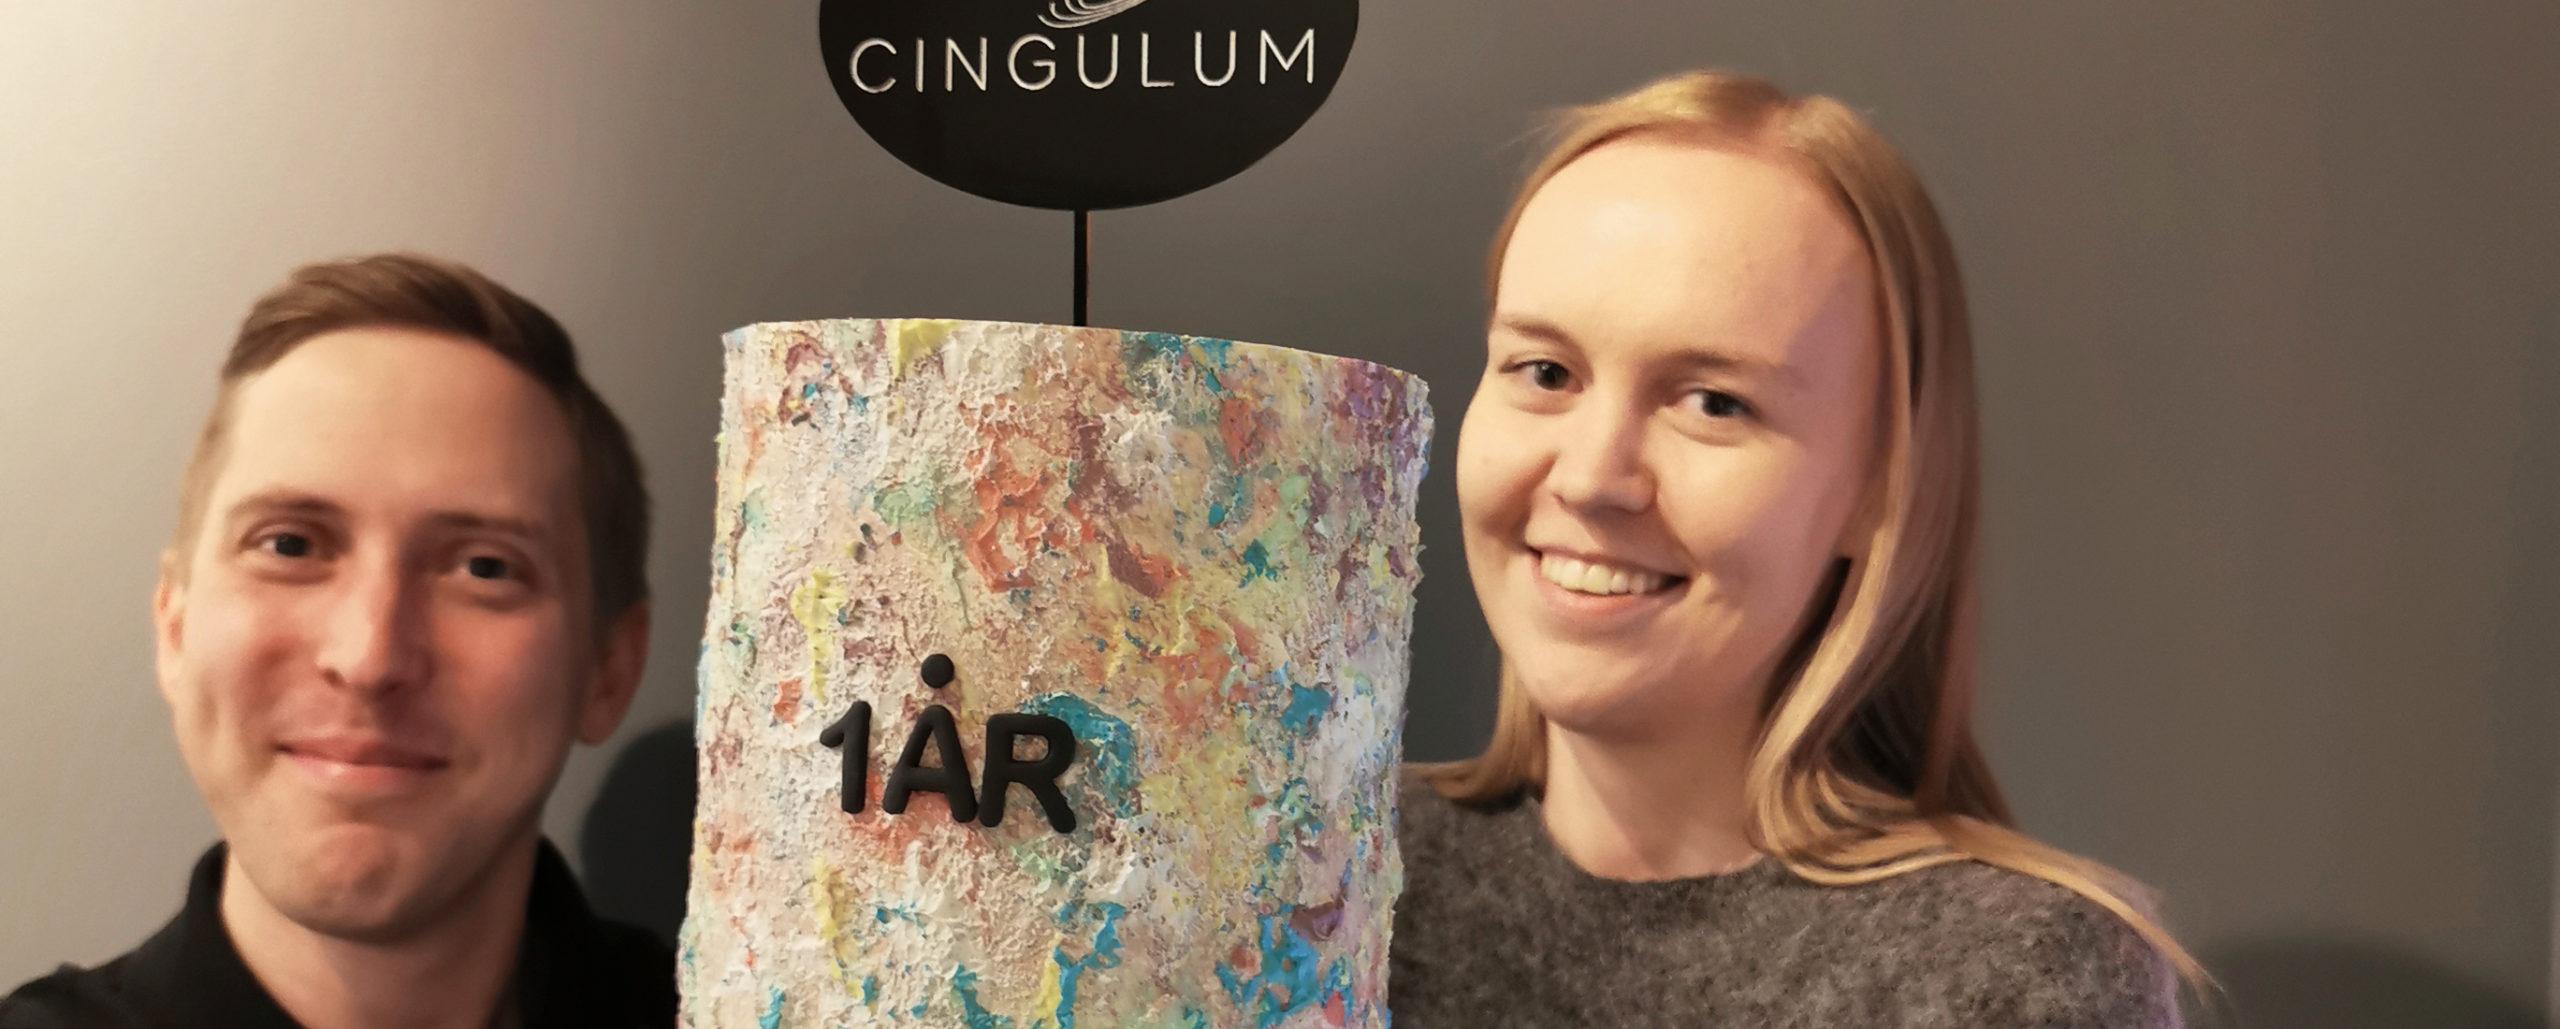 Cingulum fyller ett år, bilde av Linn og Anders med bursdagskake, Cingulum AS